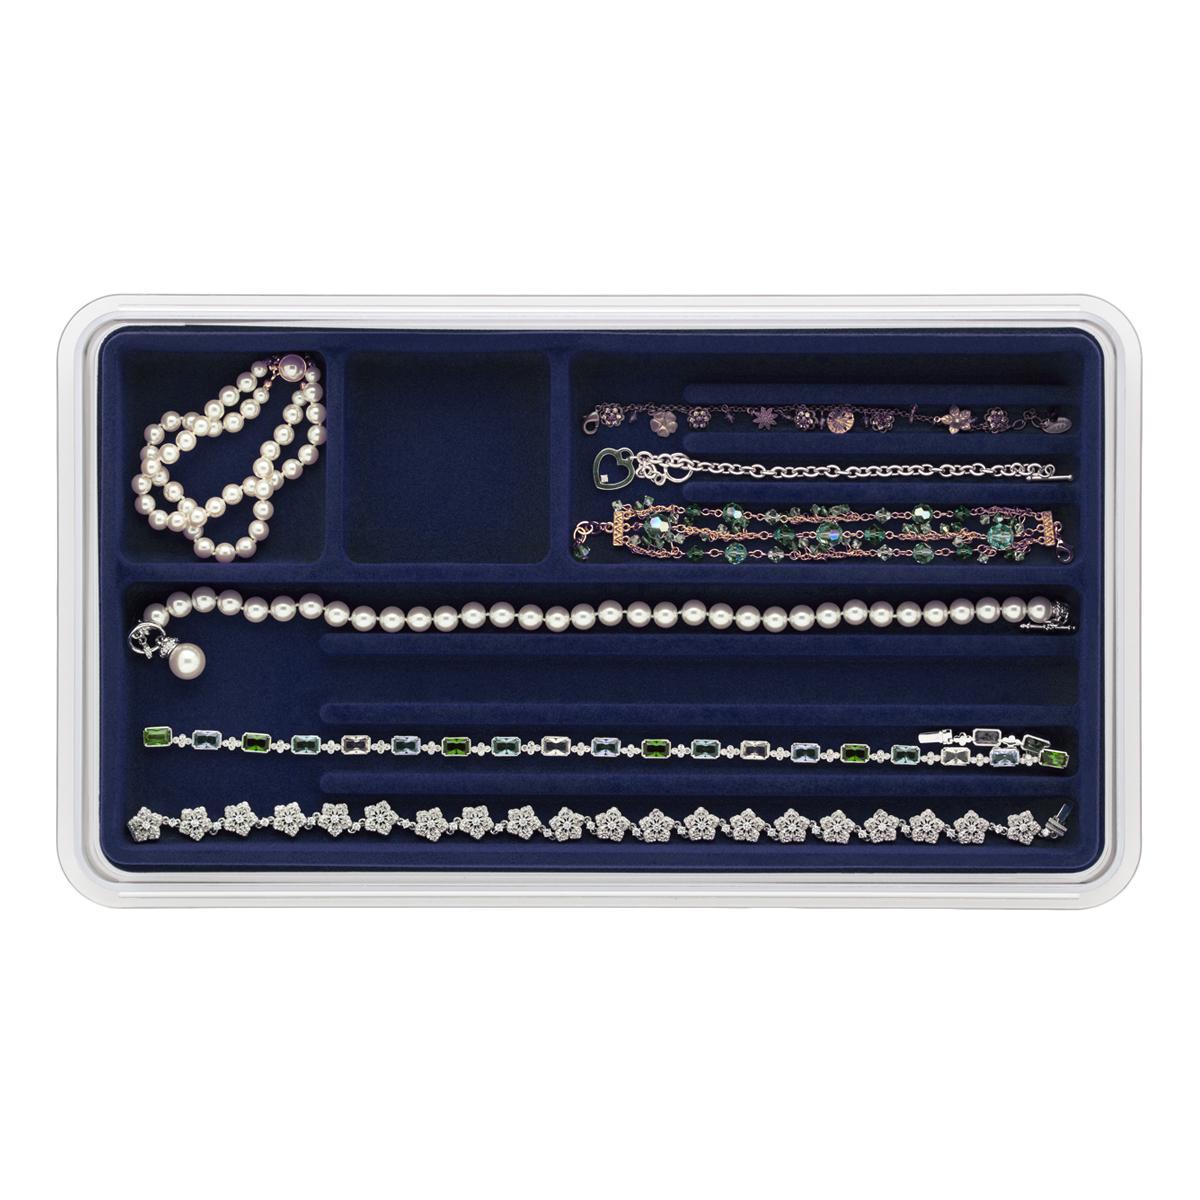 Amazoncom Neatnix Jewelry Stax Necklace Organizer Tray Midnight